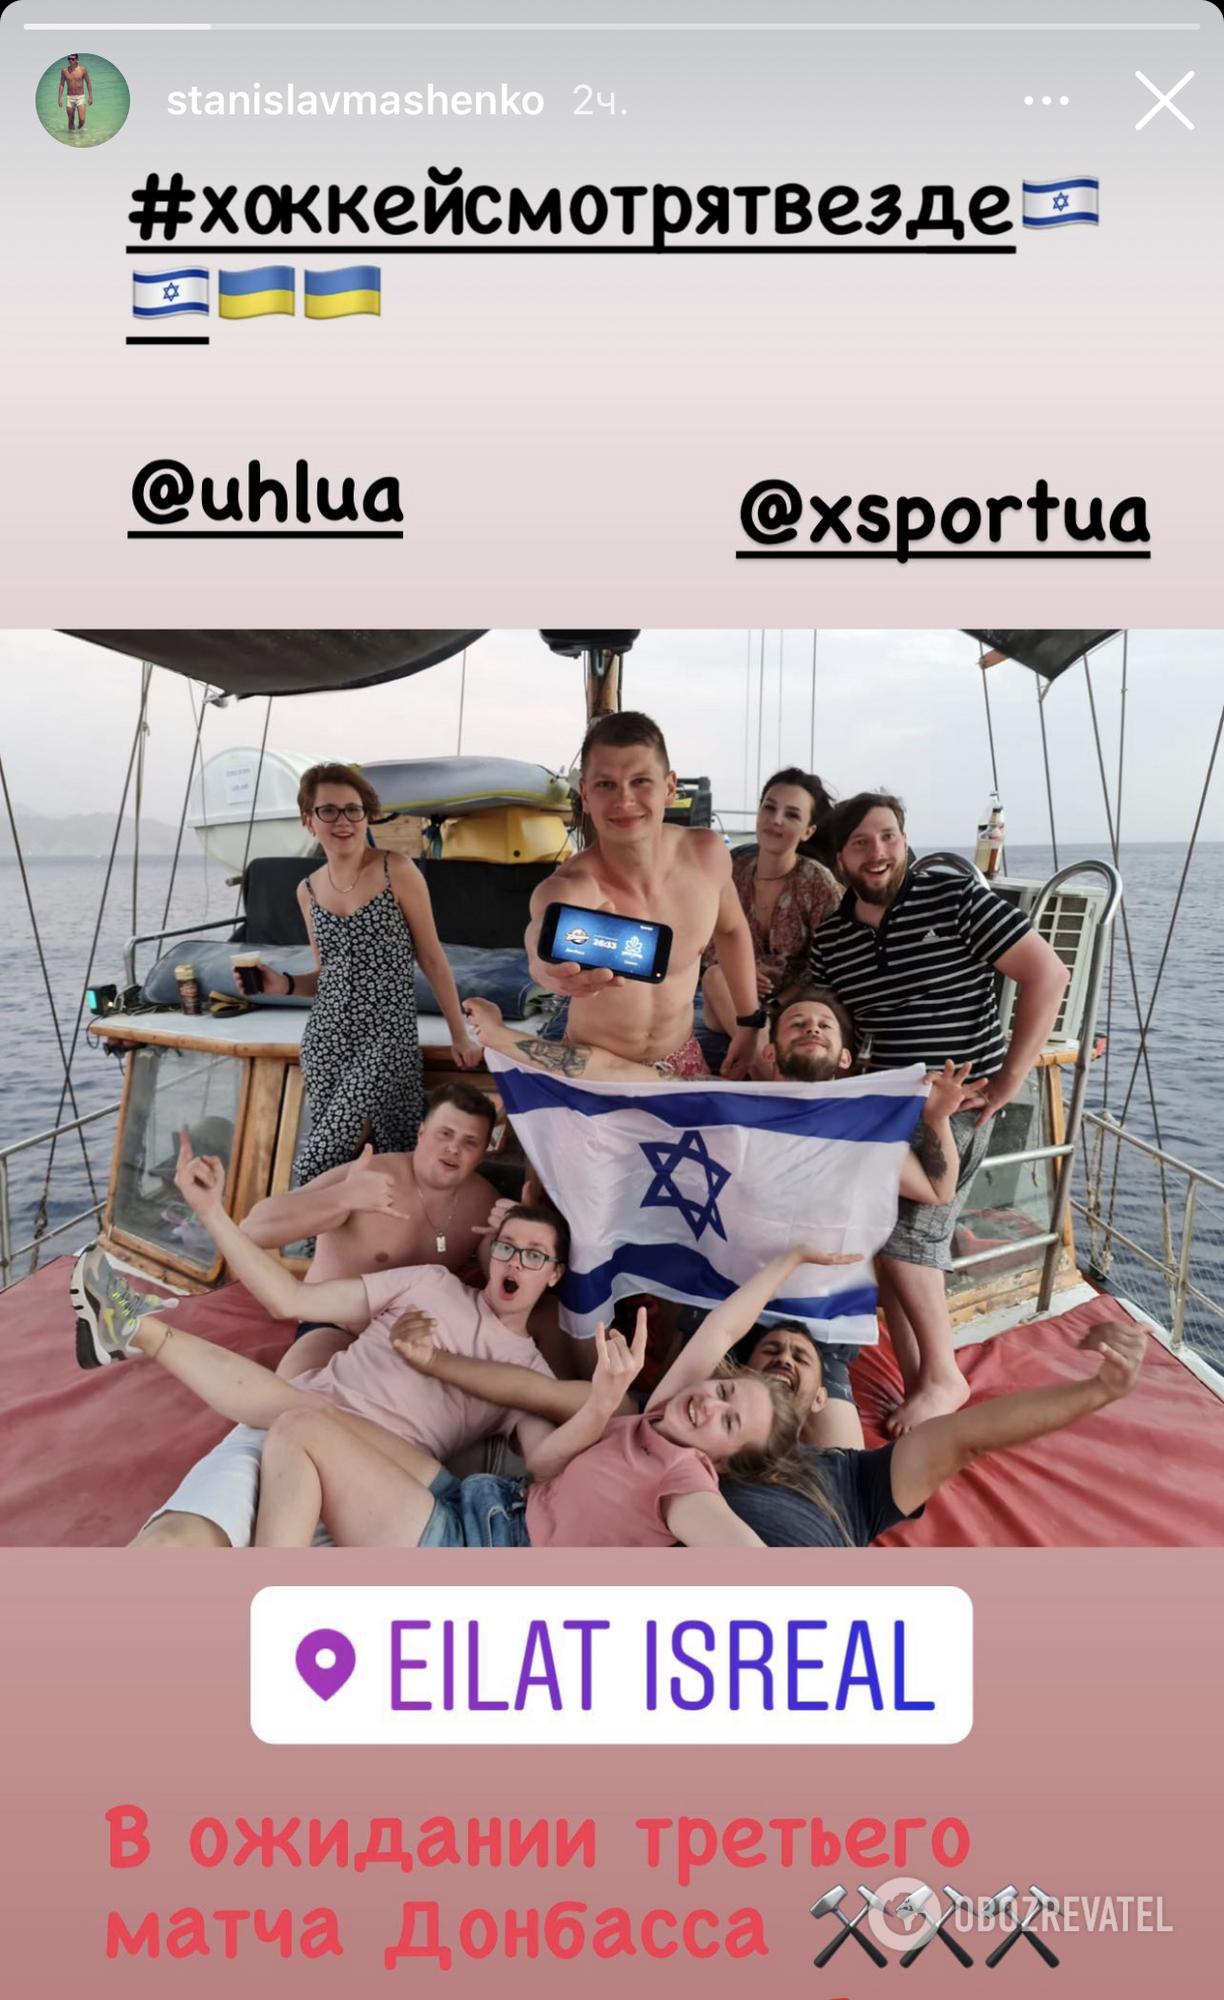 Фінал плей-офф УХЛ в Ізраїлі.